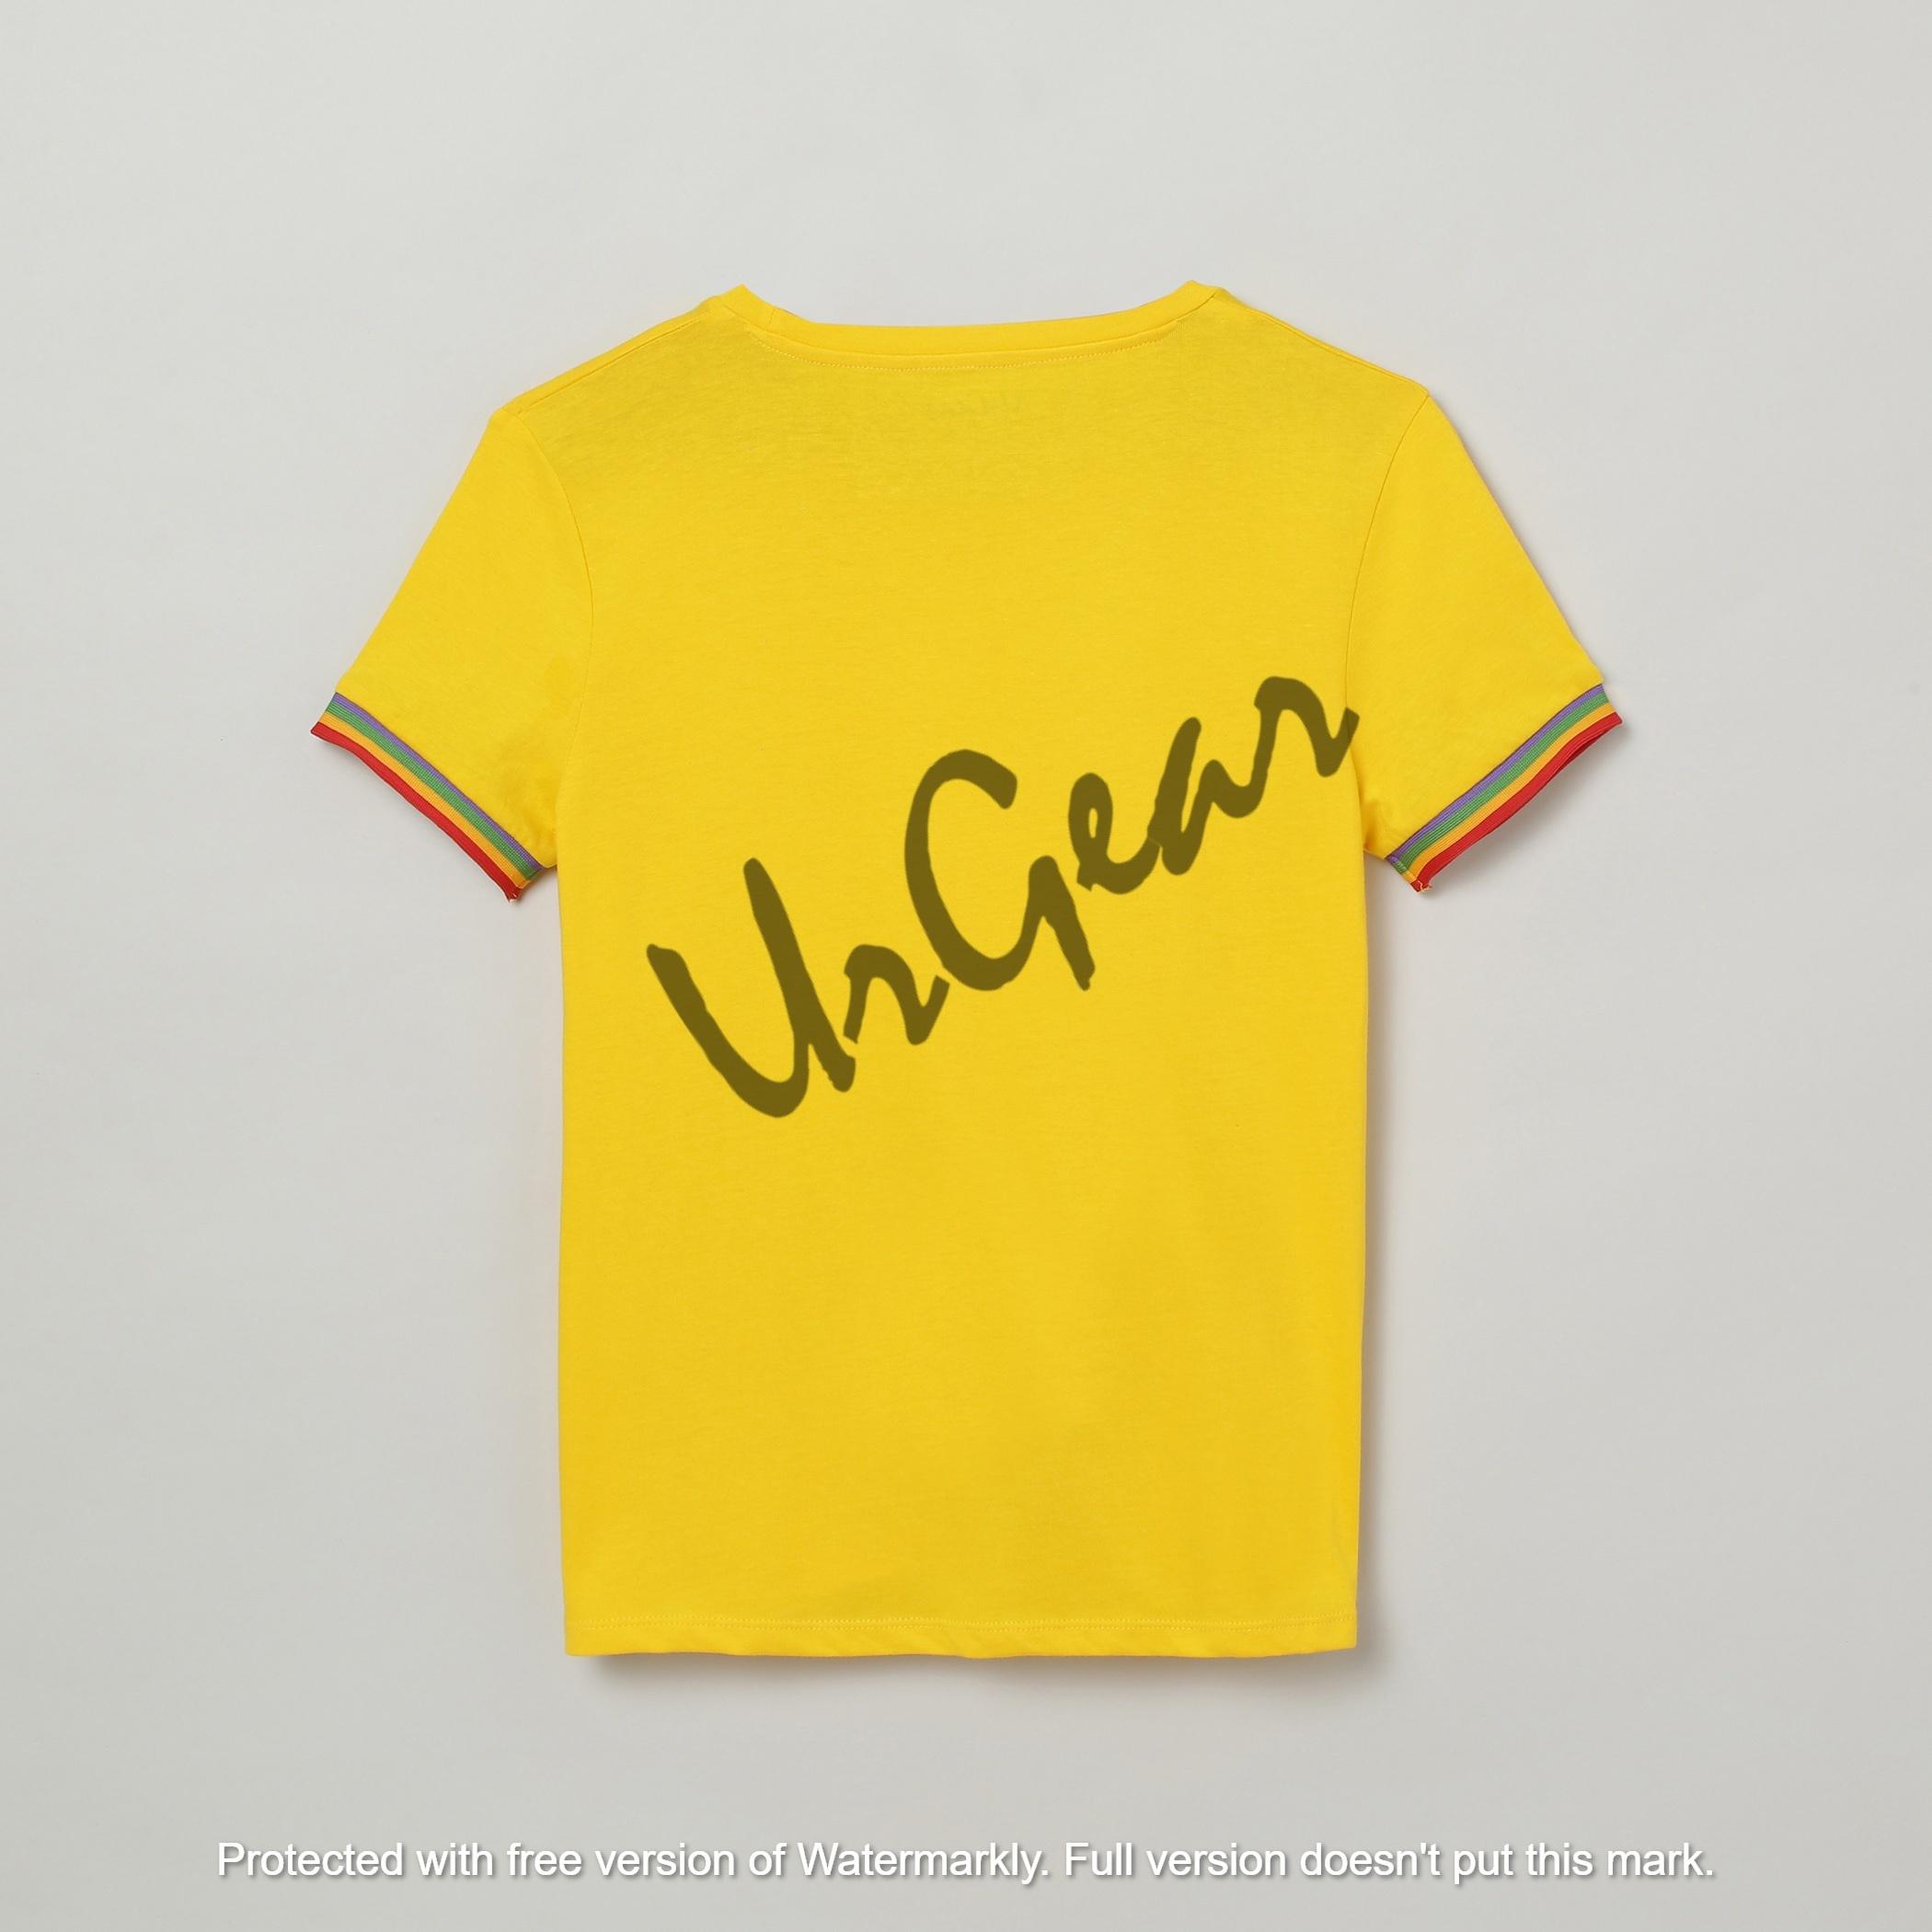 UrGear Girls Solid Cotton Blend T-Shirt